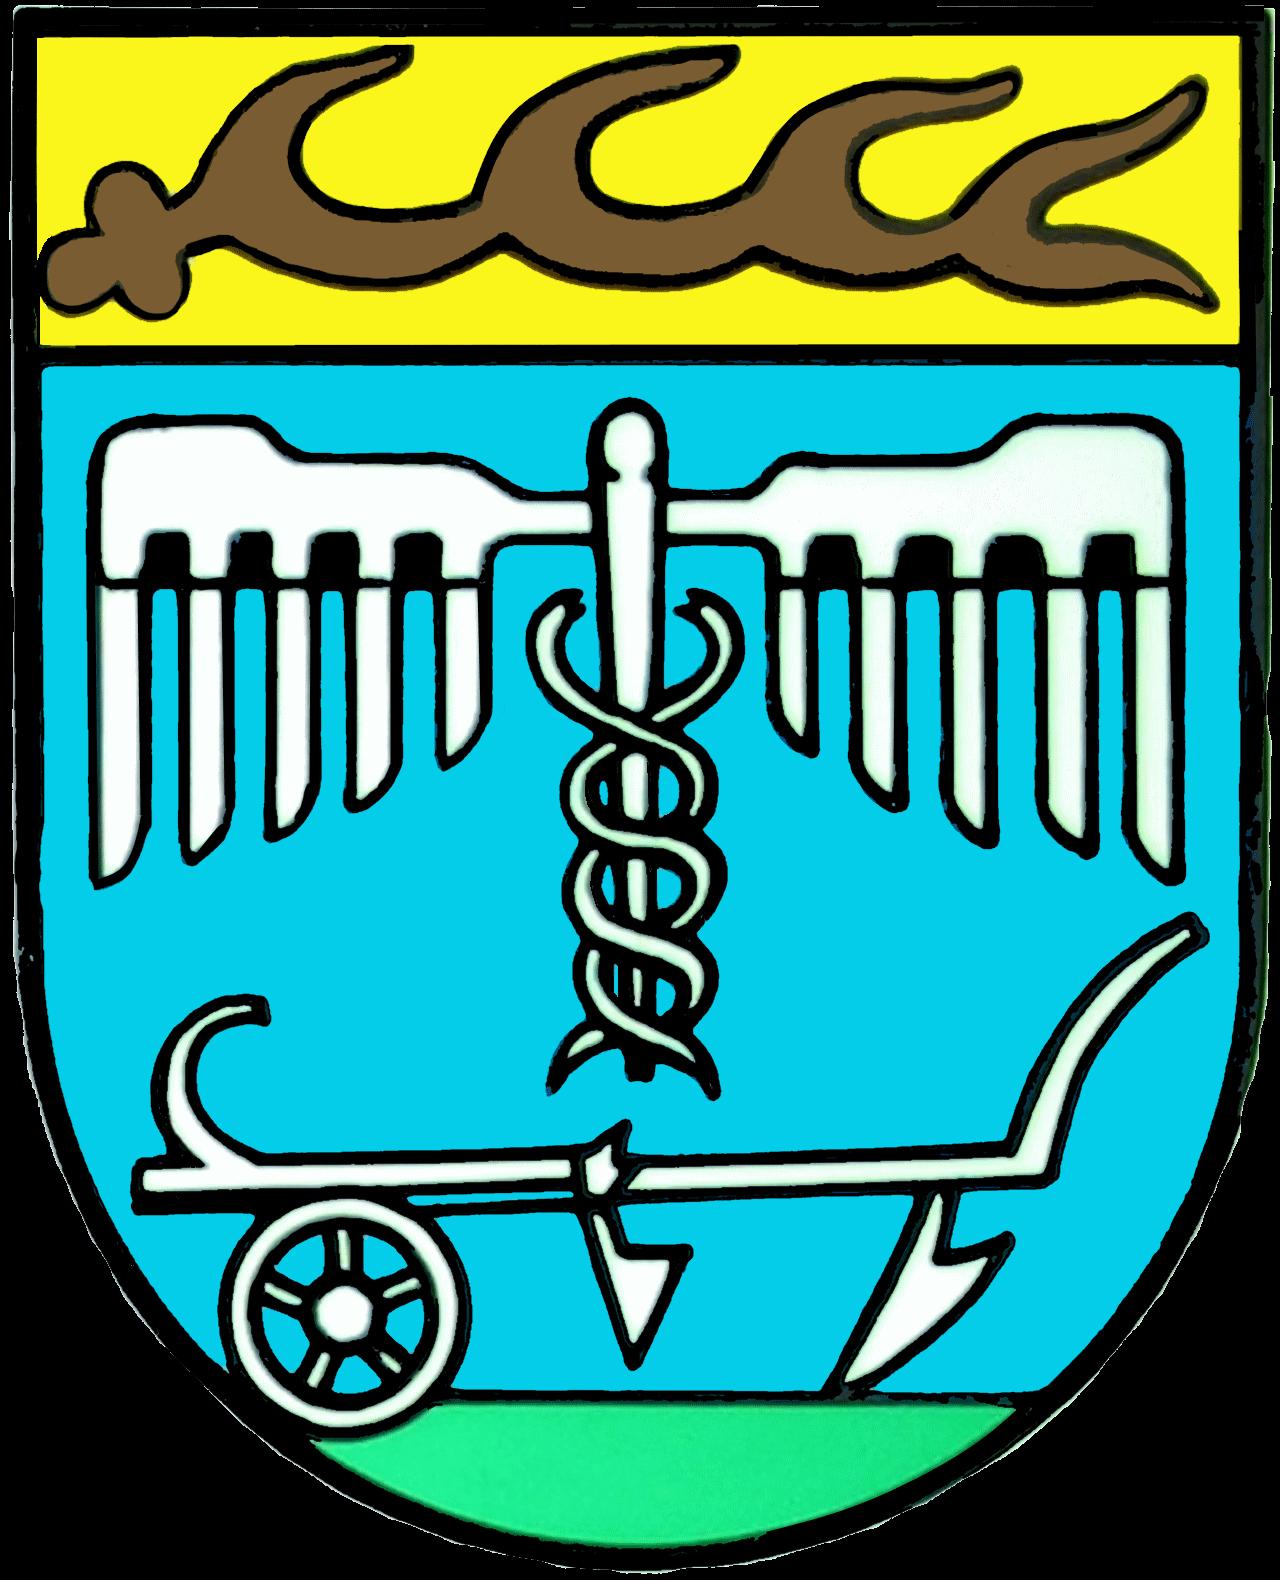 Wappen Unterdeufstetten.png